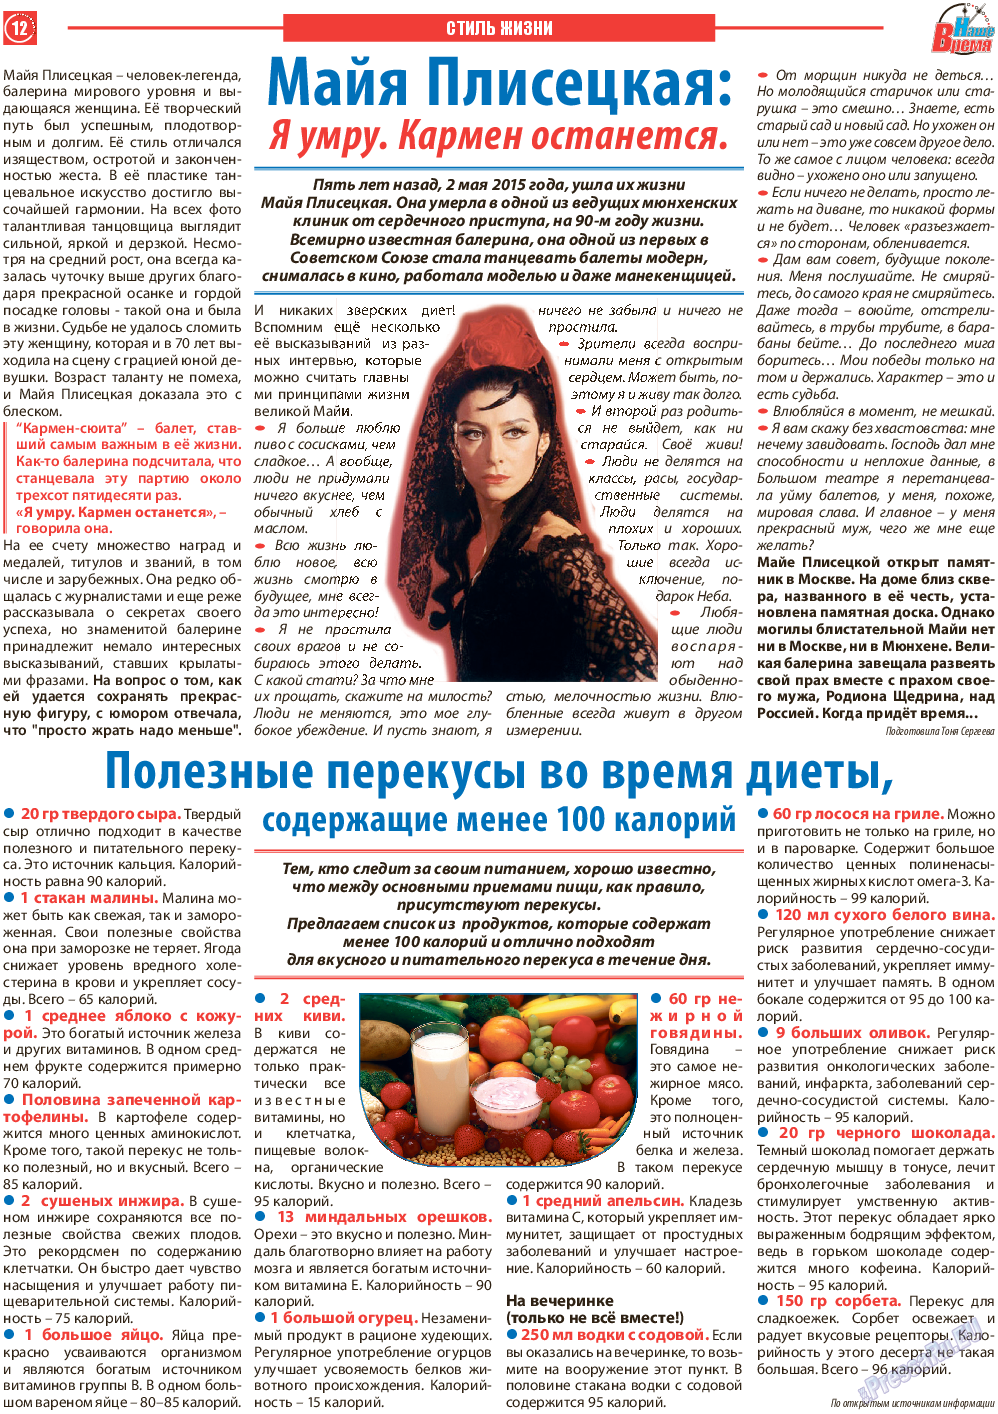 Наше время (газета). 2020 год, номер 6, стр. 12